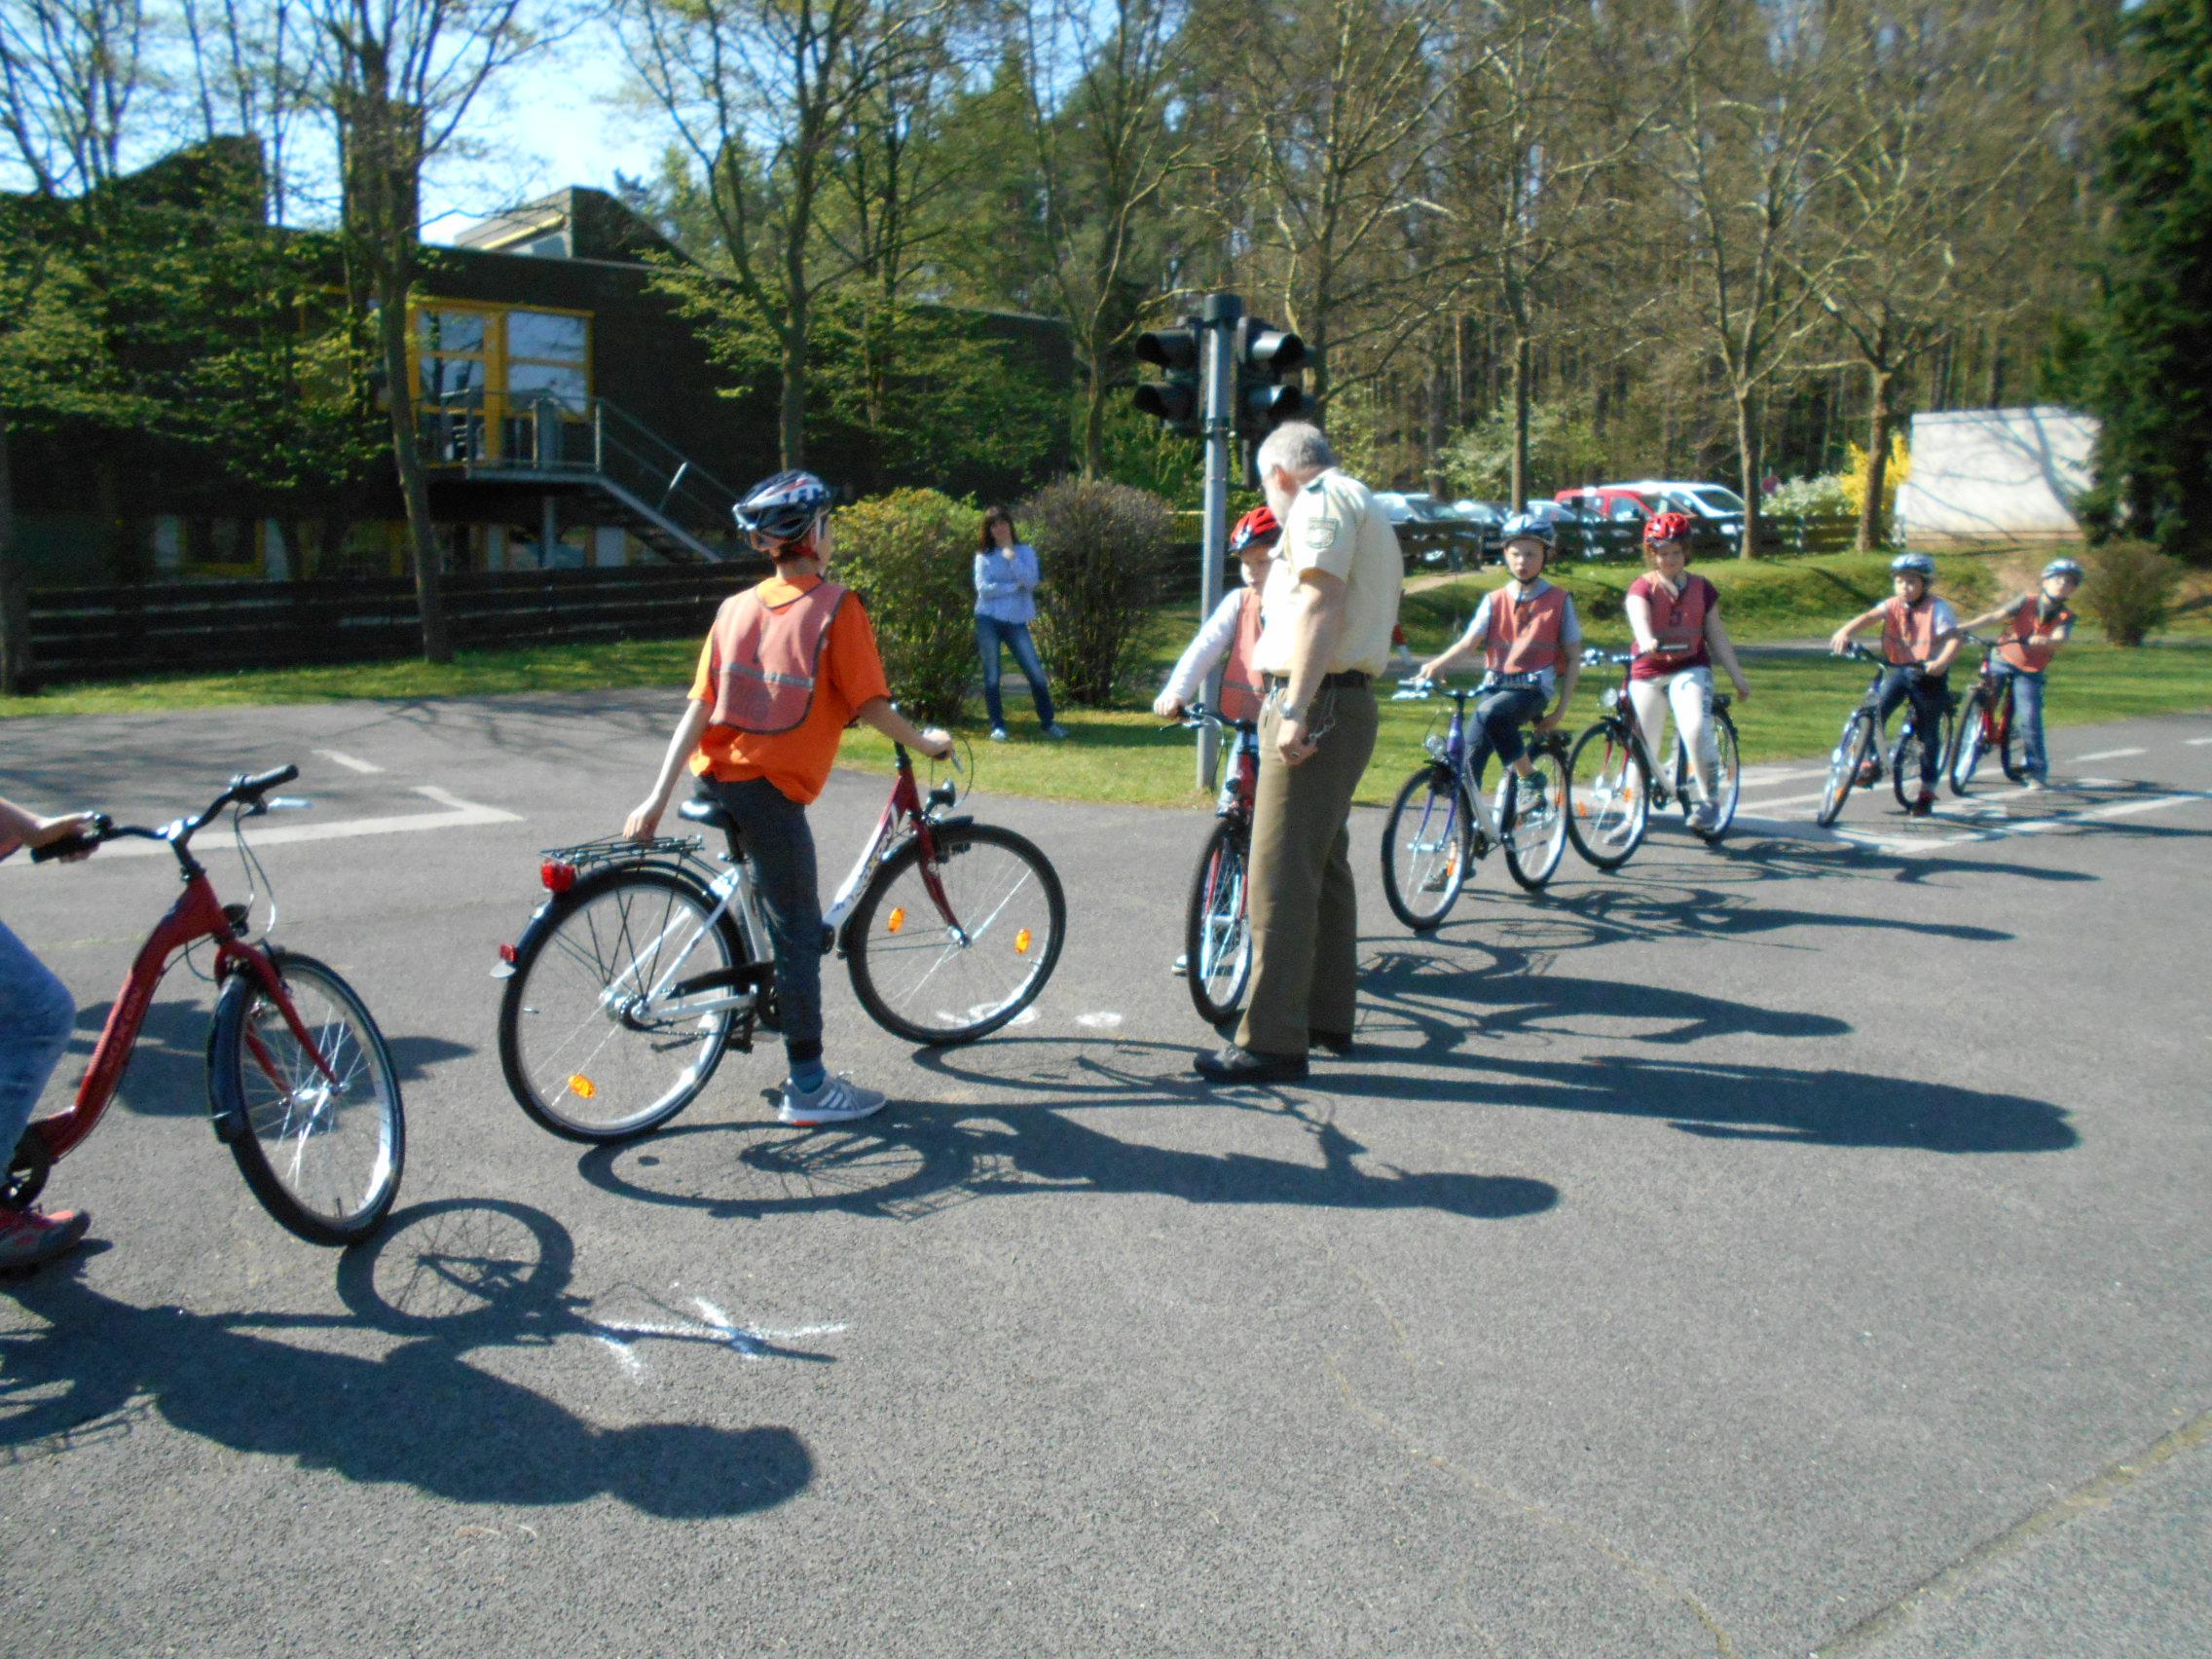 Viele Schilder, viele Regeln! Sieben Schüler der Dr. Bernhard Leniger Schule haben die Radfahrprüfung 2018 bestanden.